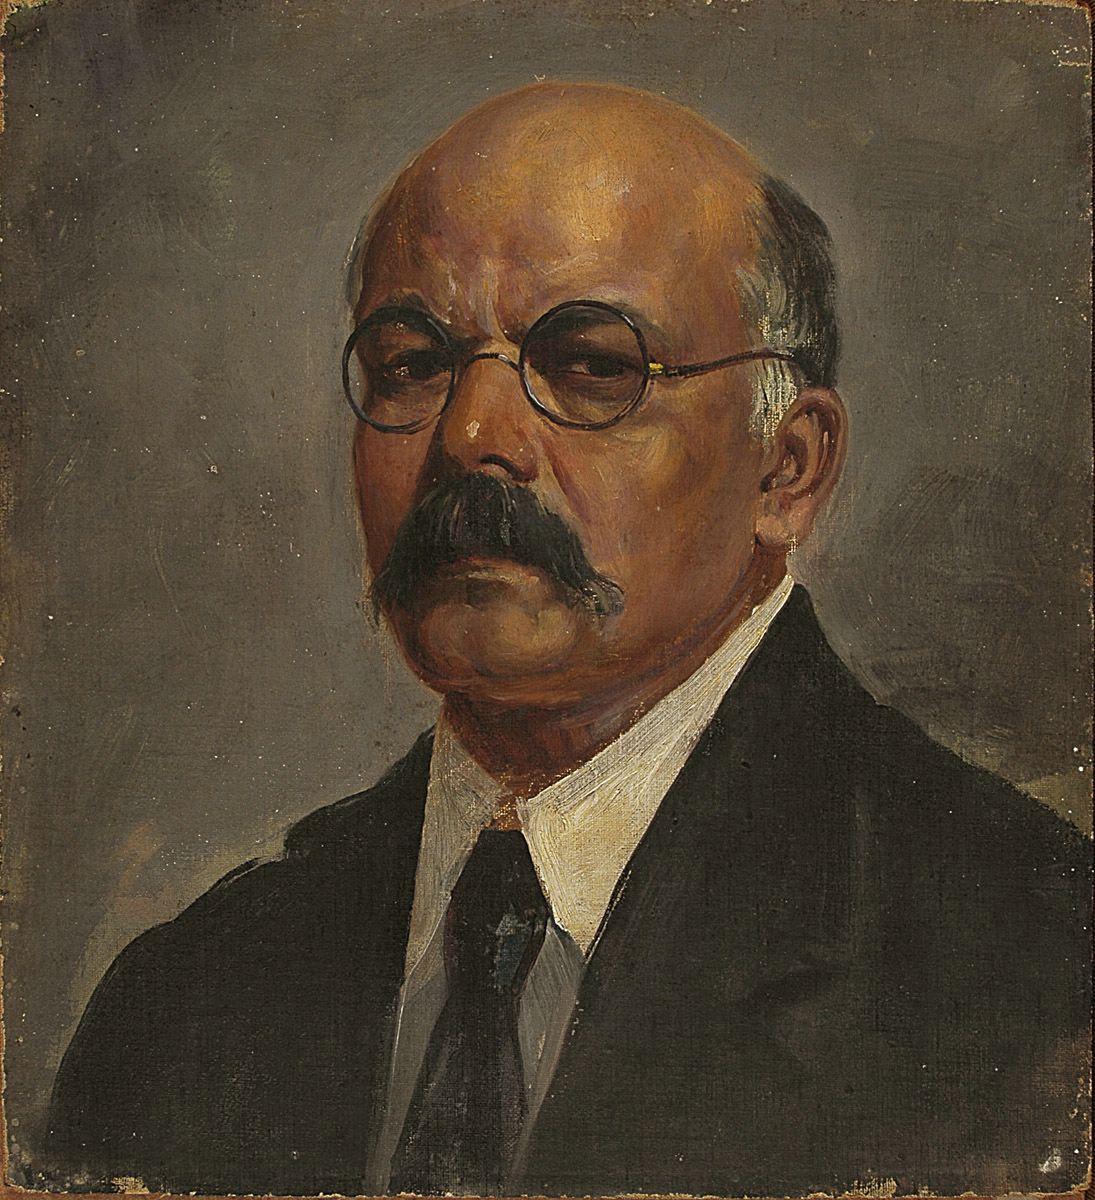 Description self portrait of painter